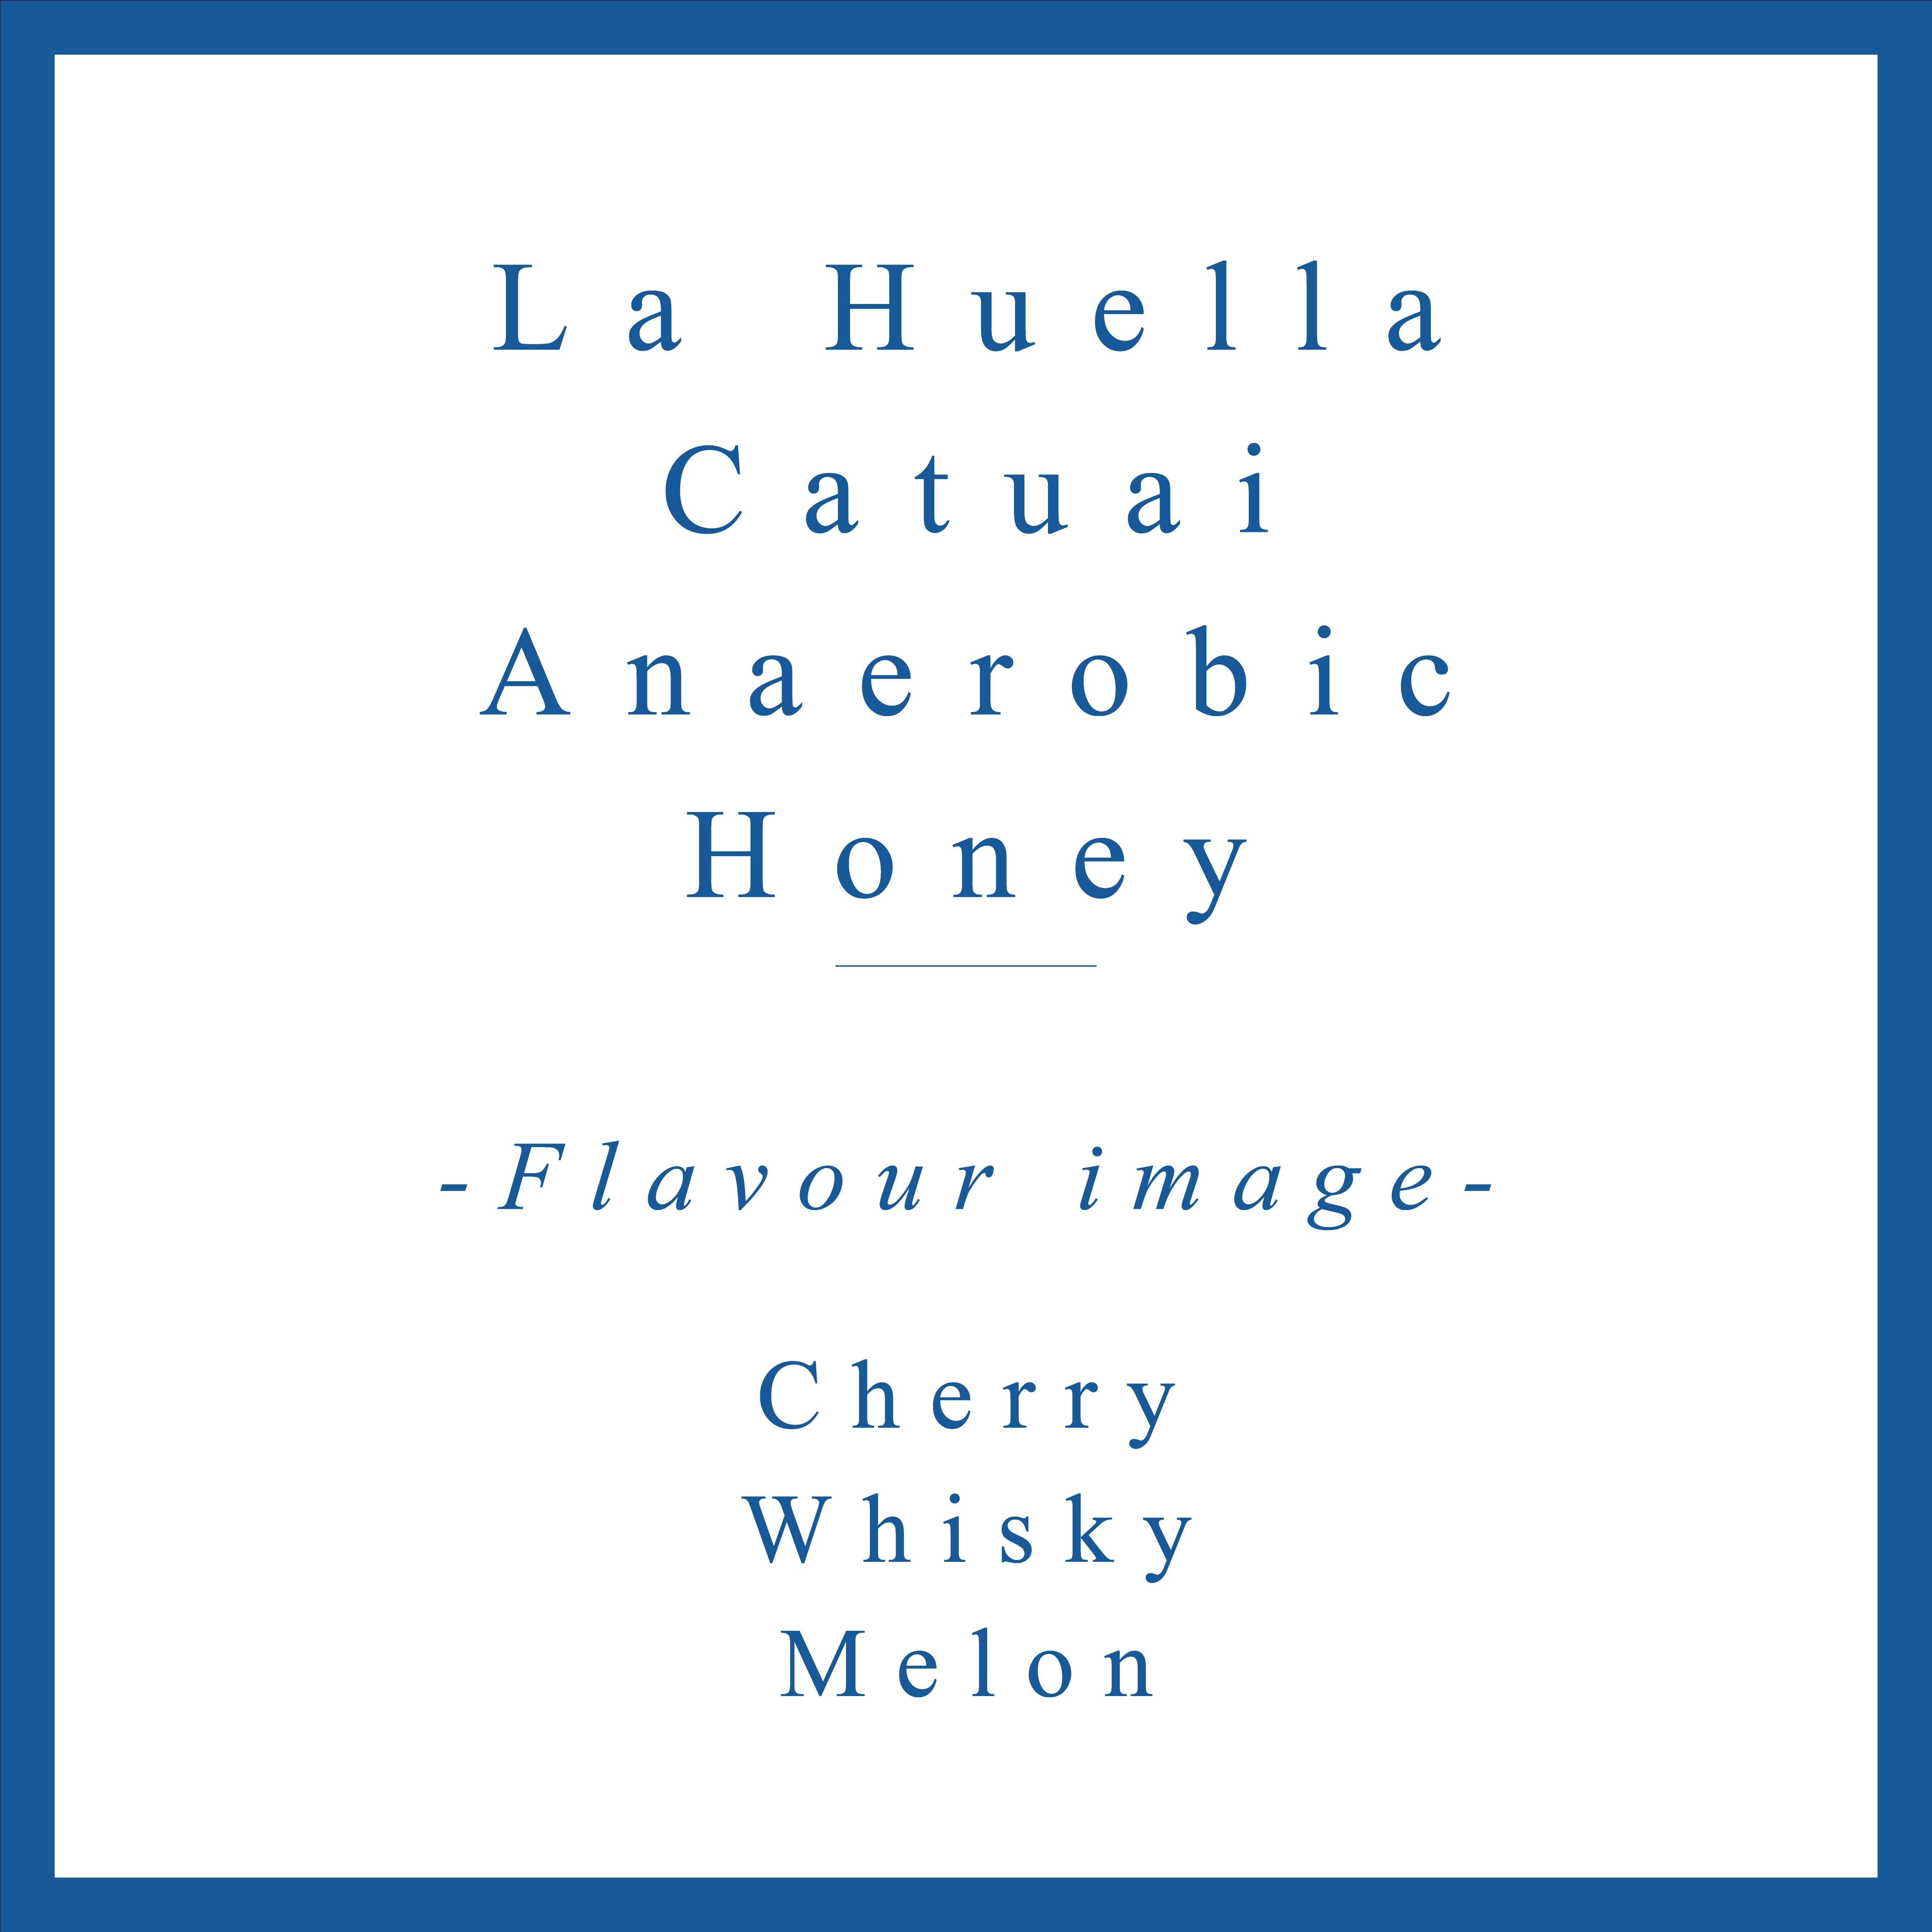 La Huella Catuai Anaerobic Honey